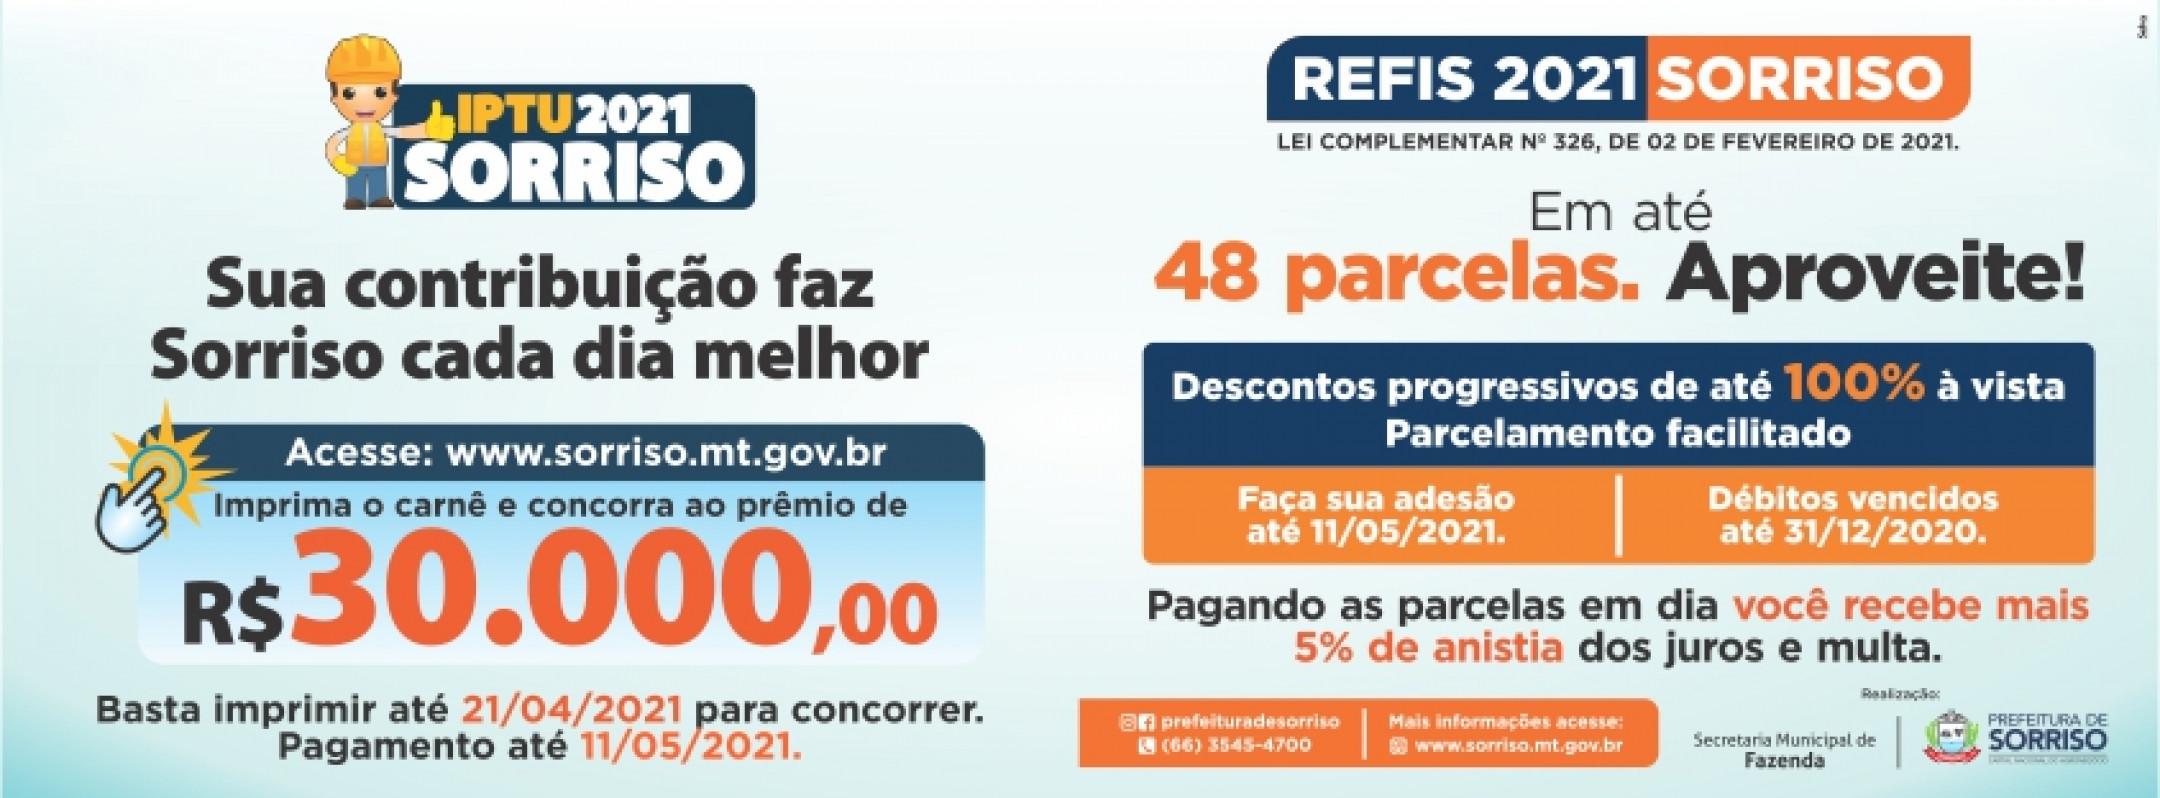 Refiz2021